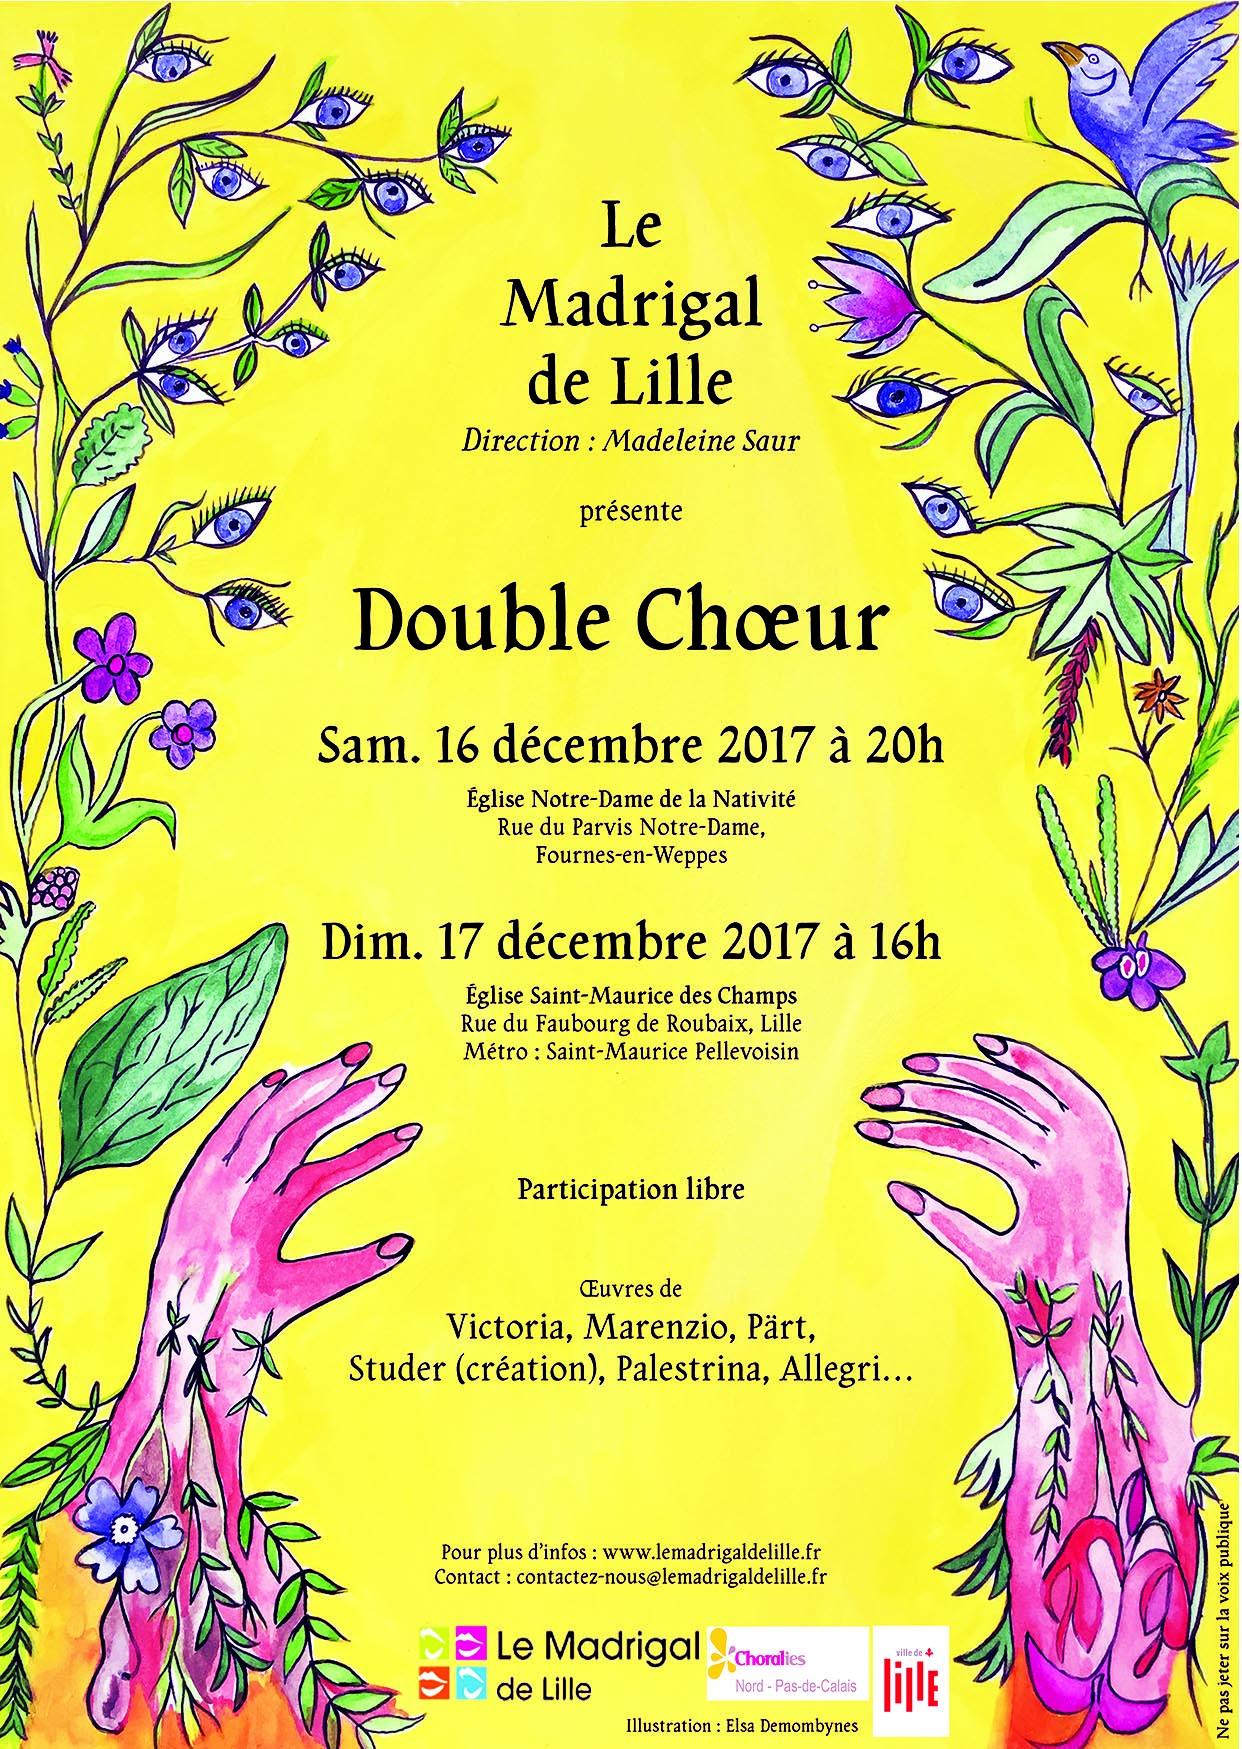 Double Choeur du Madrigal de Lille